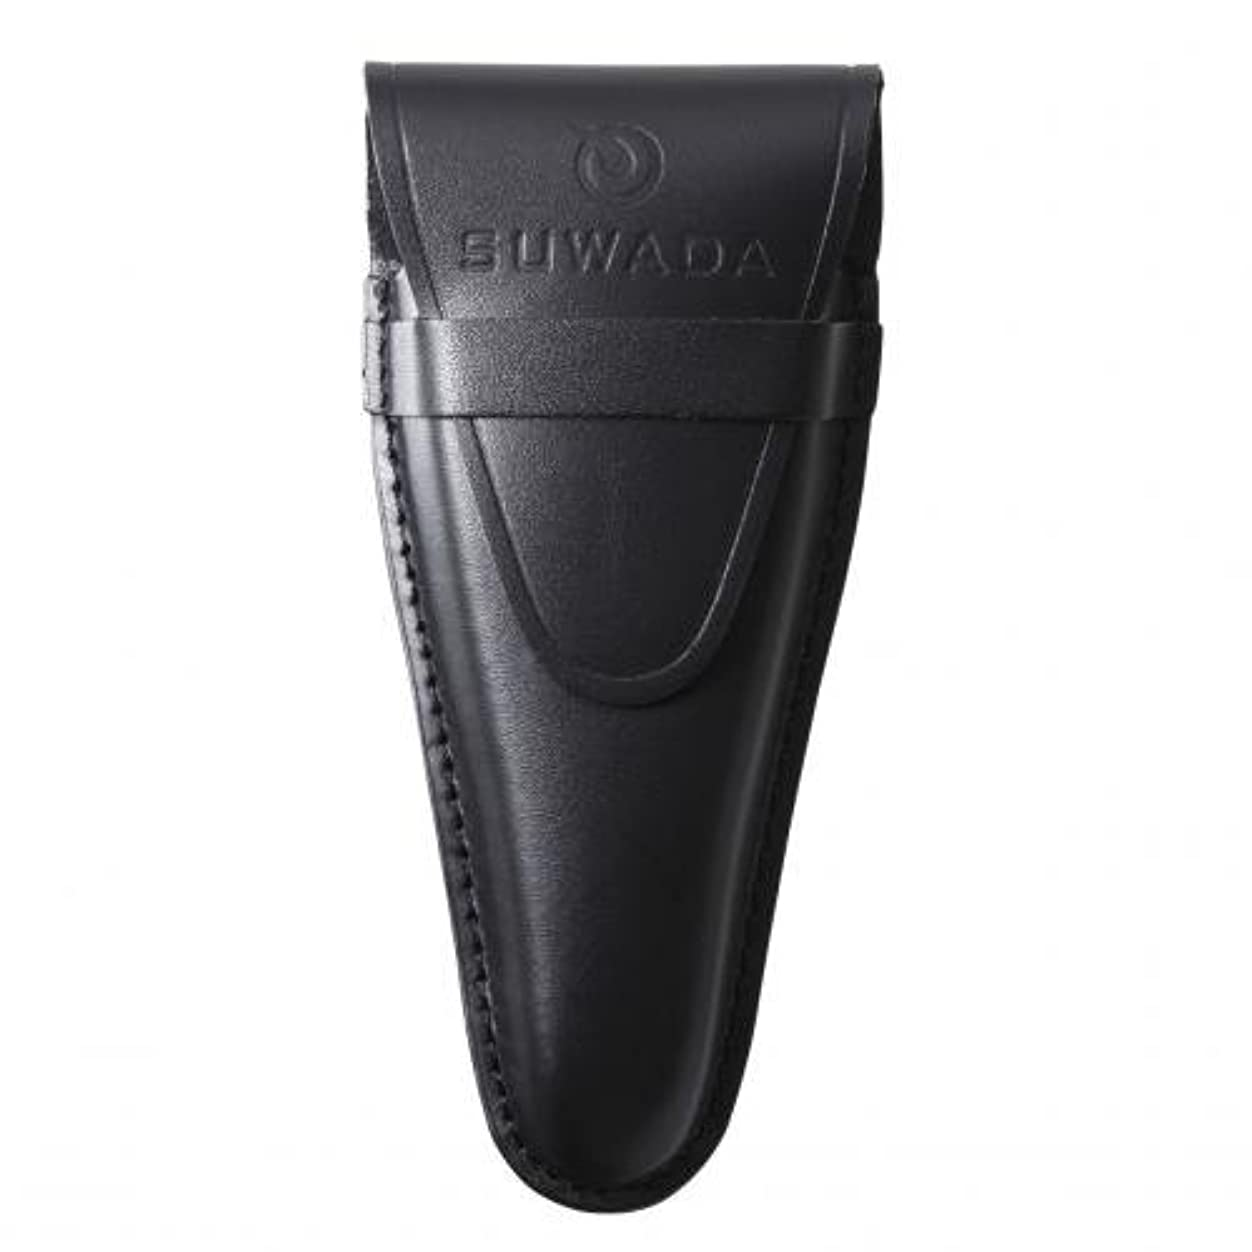 パンフレット太字統計【SUWADA】 爪切り用本革ケースクラシックL用 色=ブラック